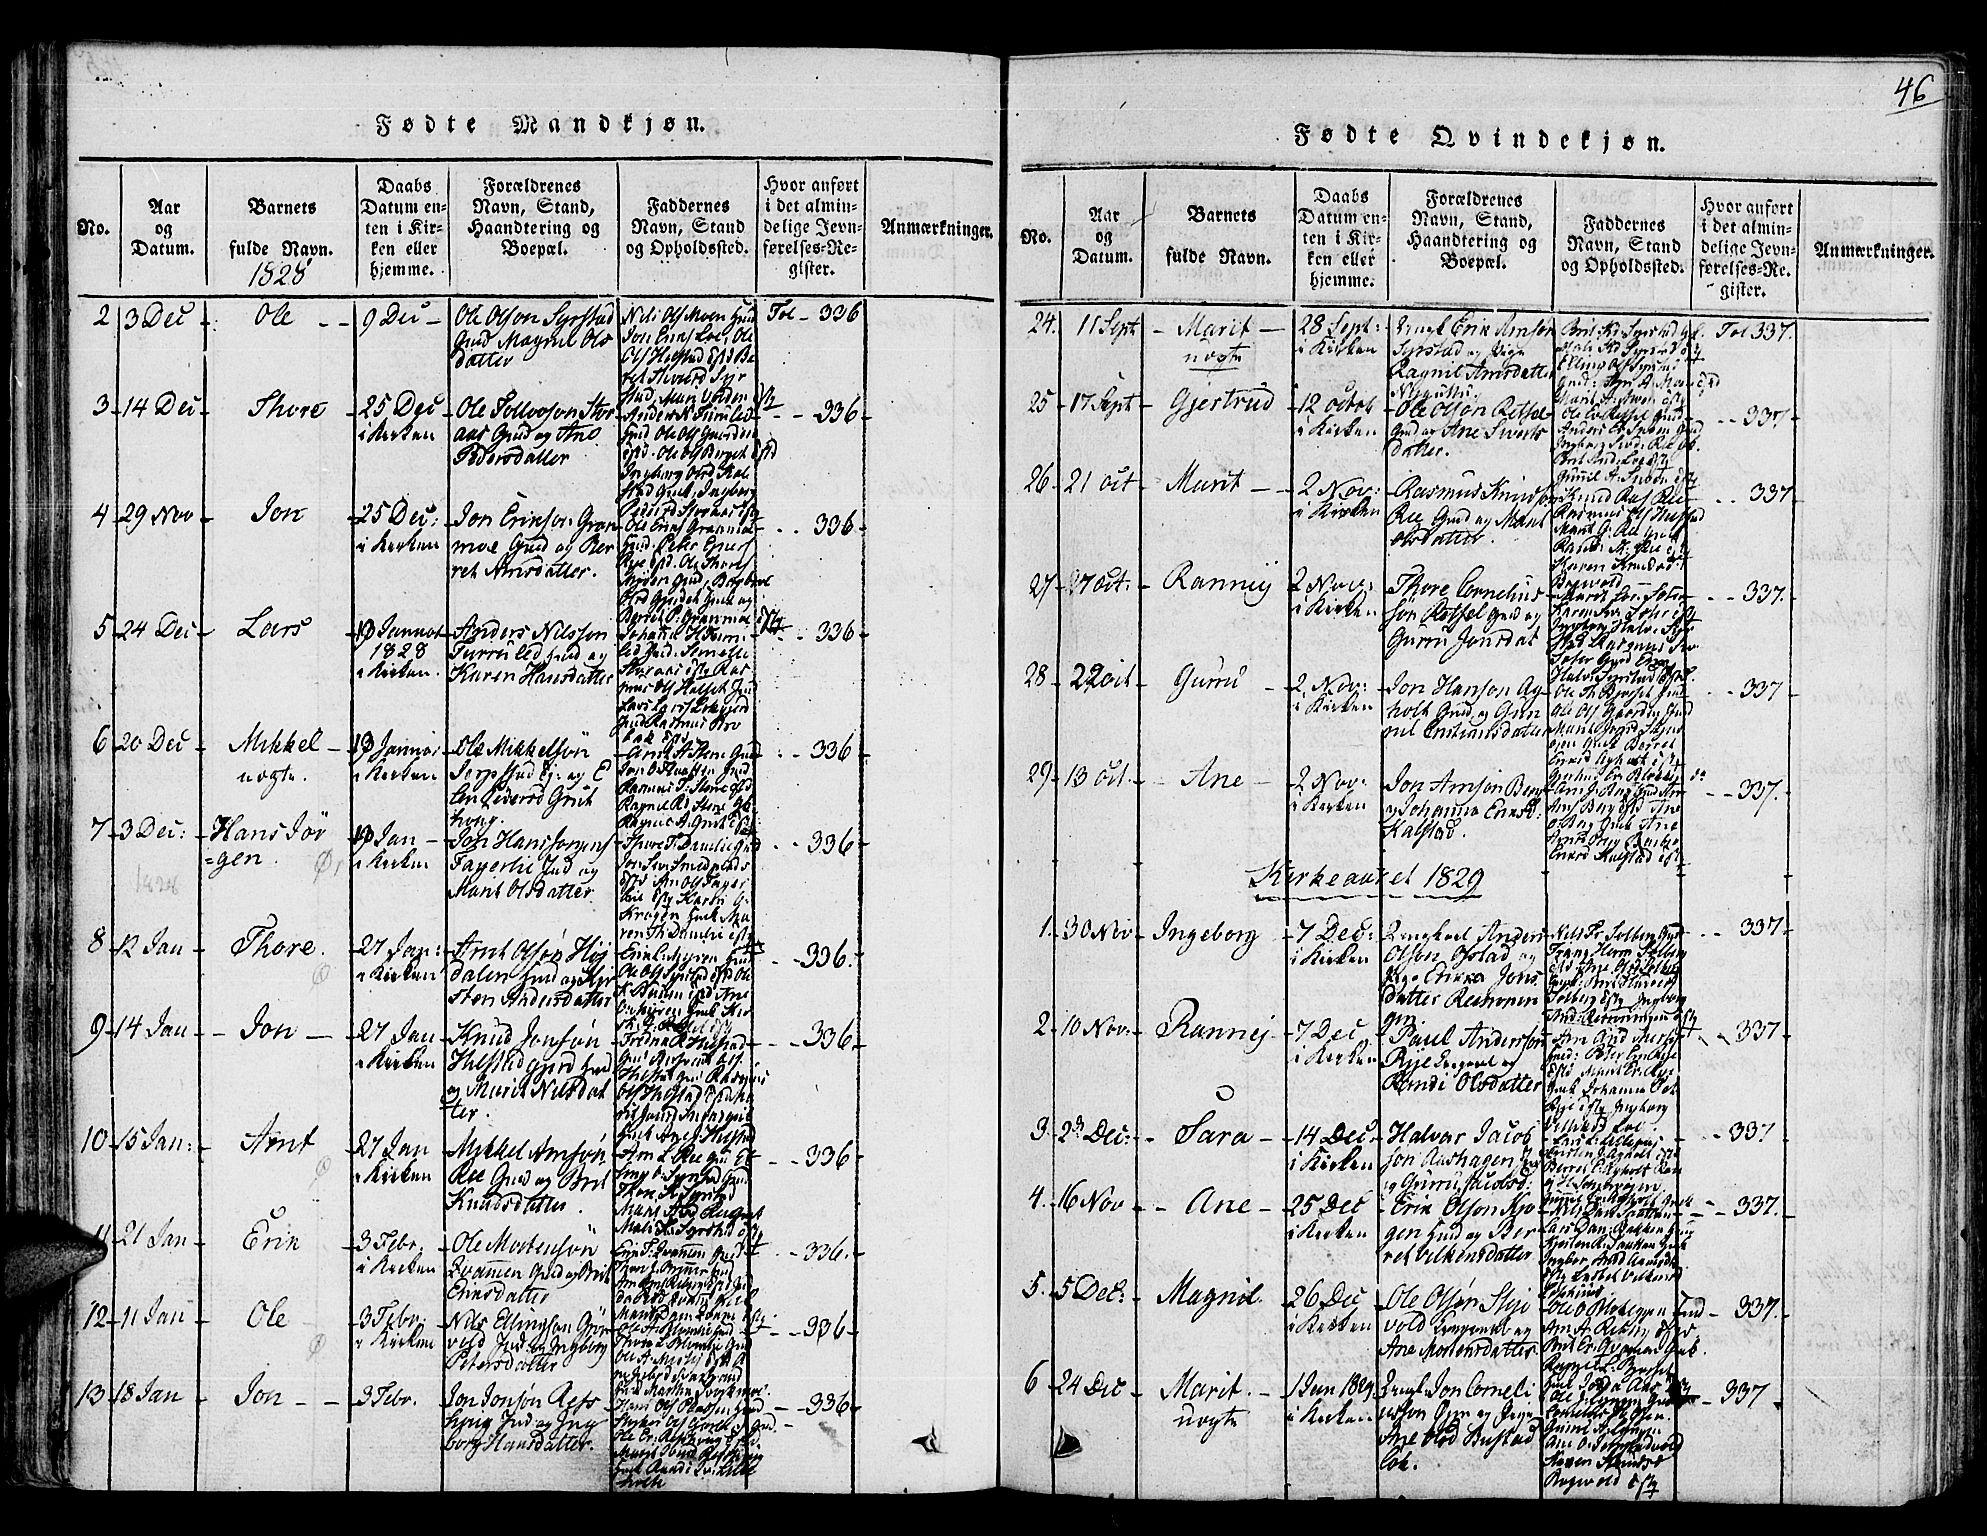 SAT, Ministerialprotokoller, klokkerbøker og fødselsregistre - Sør-Trøndelag, 672/L0853: Ministerialbok nr. 672A06 /1, 1816-1829, s. 46